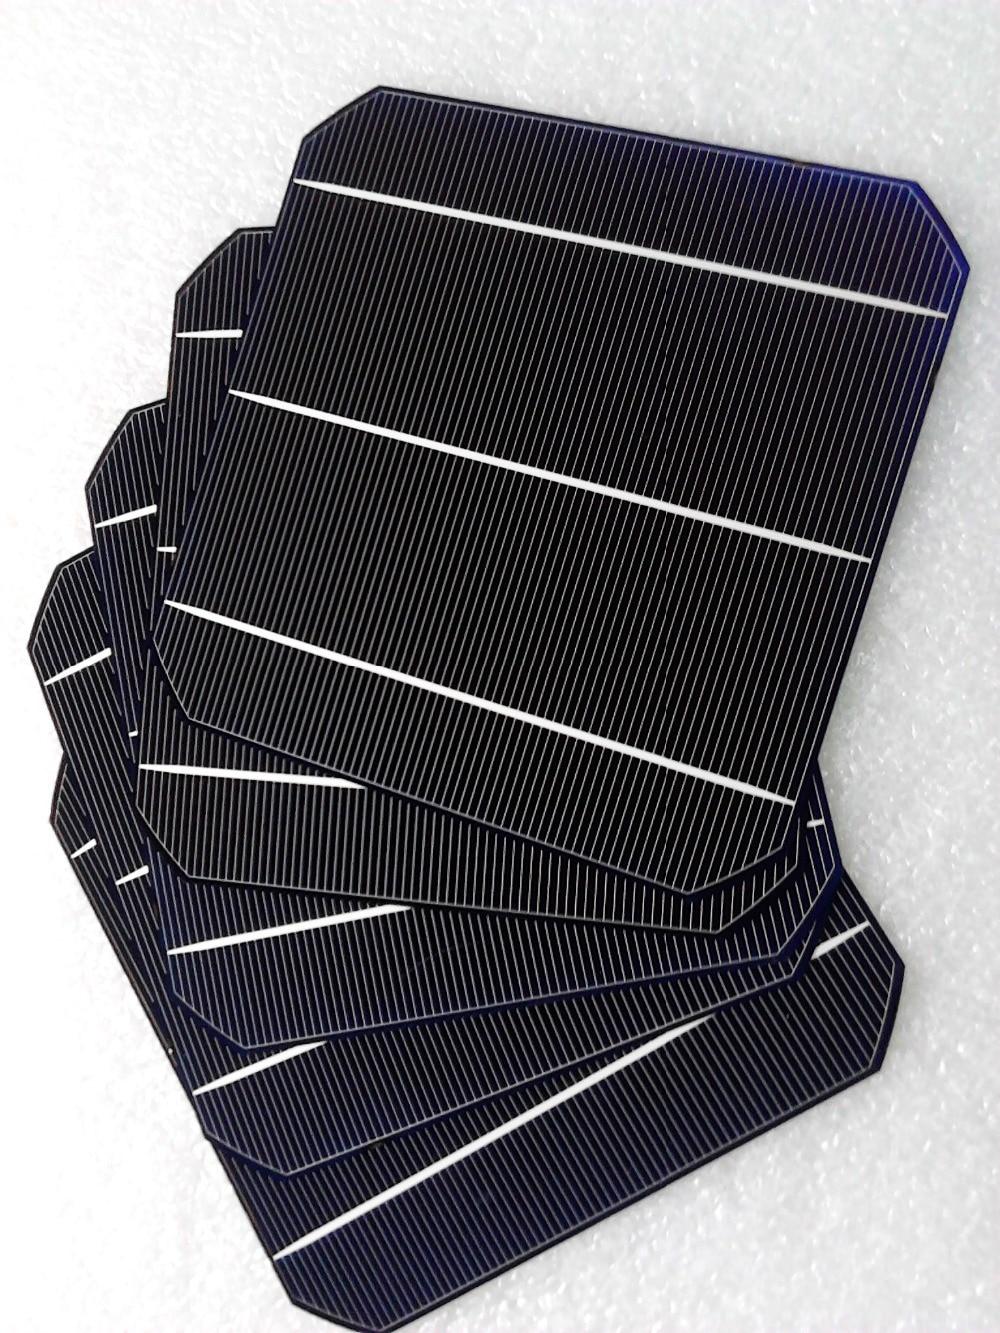 100pcs 20 4 efficiency 6x6 Monocrystalline solar cells